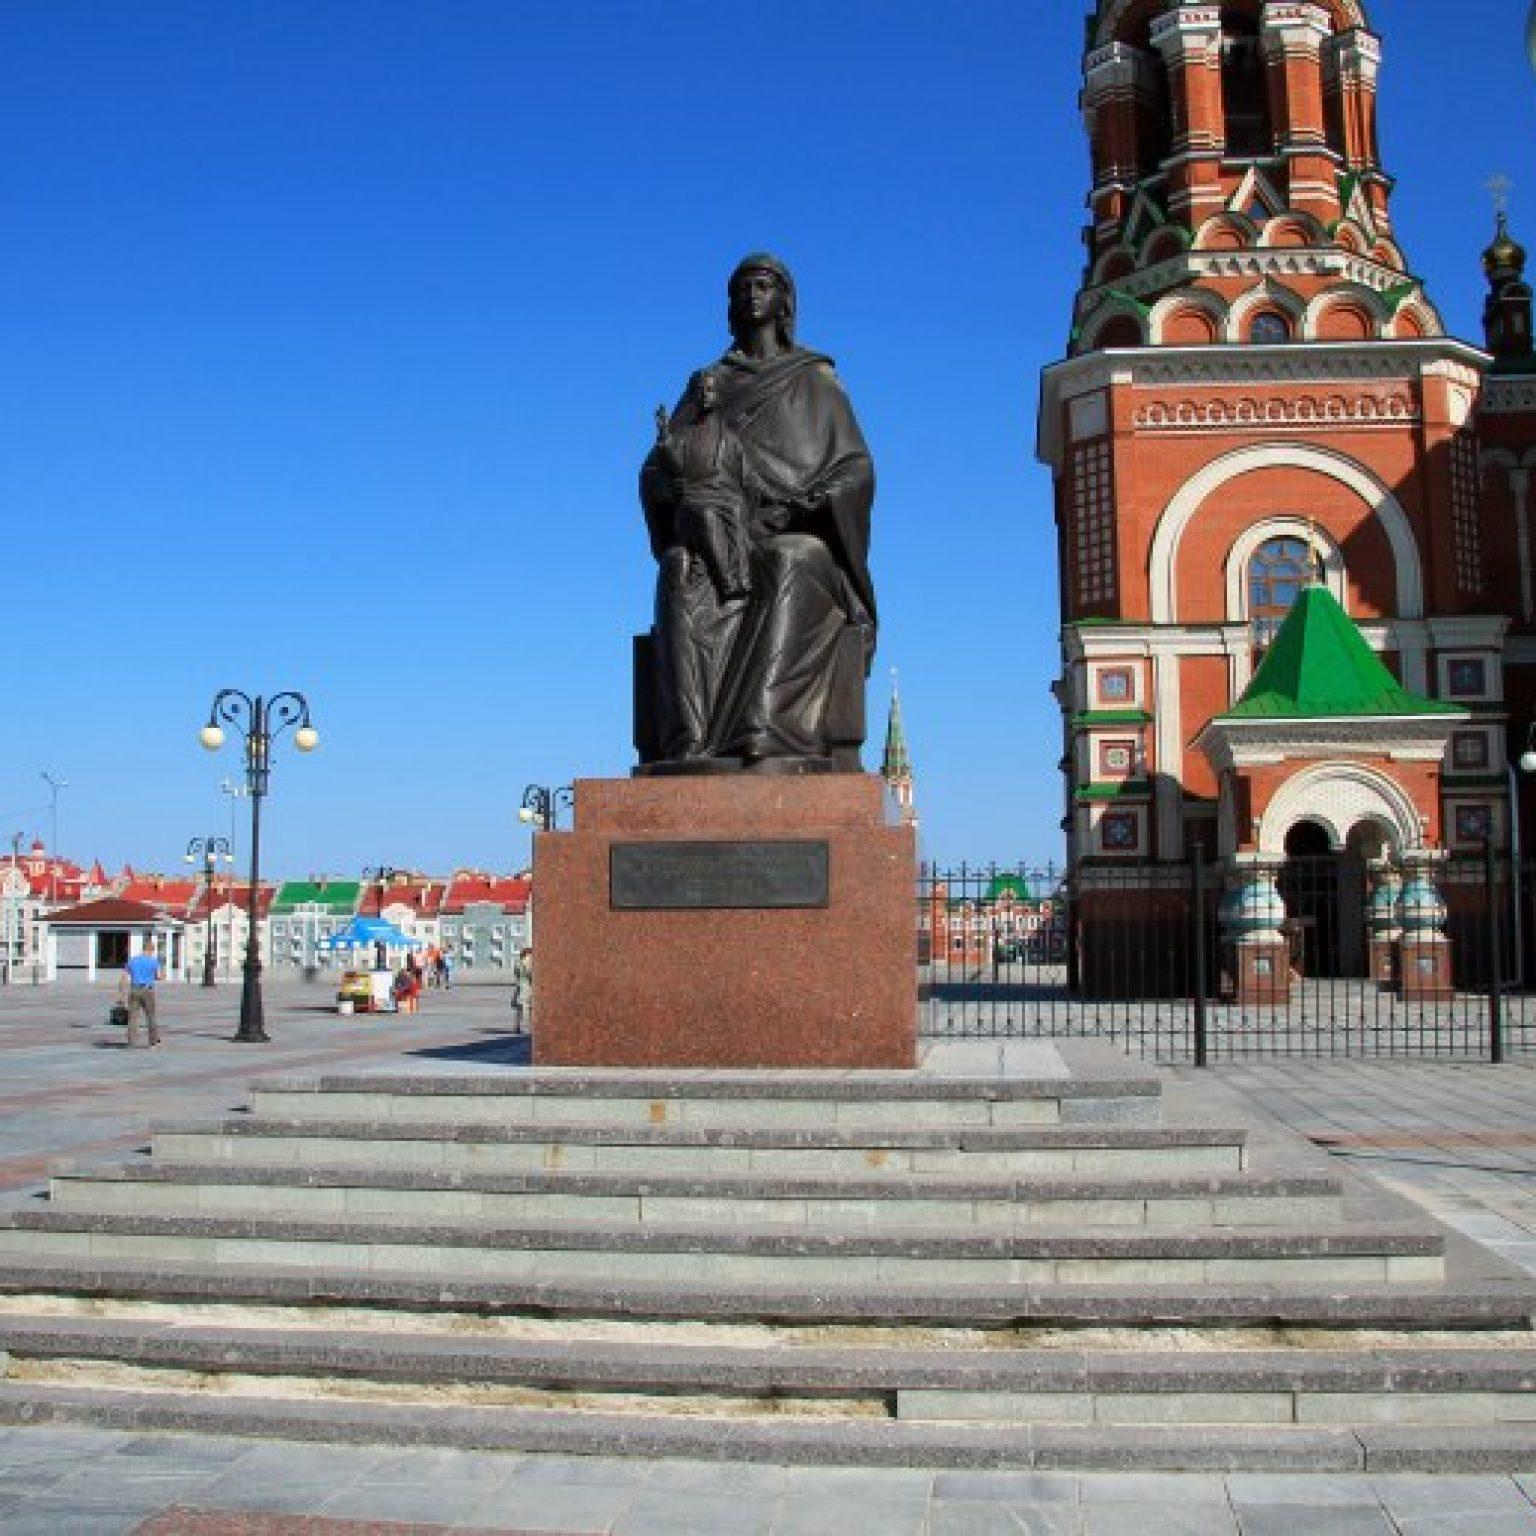 Достопримечательности Йошкар-Олы: Площадь Республики и площадь Пресвятой Богородицы